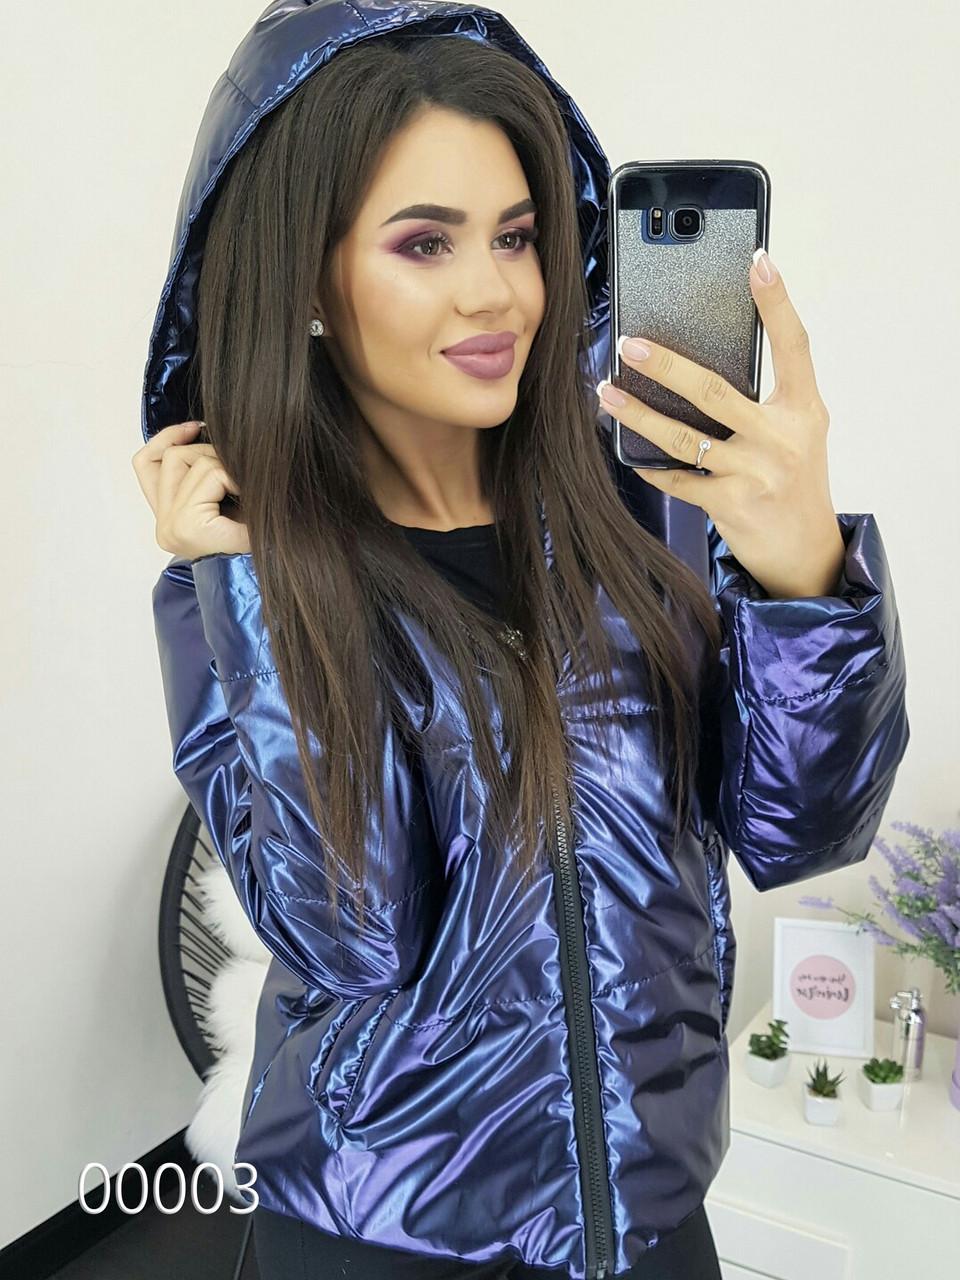 Куртка женская демисезонная с капюшоном, #00003 (Синий), Размер 42 (S)